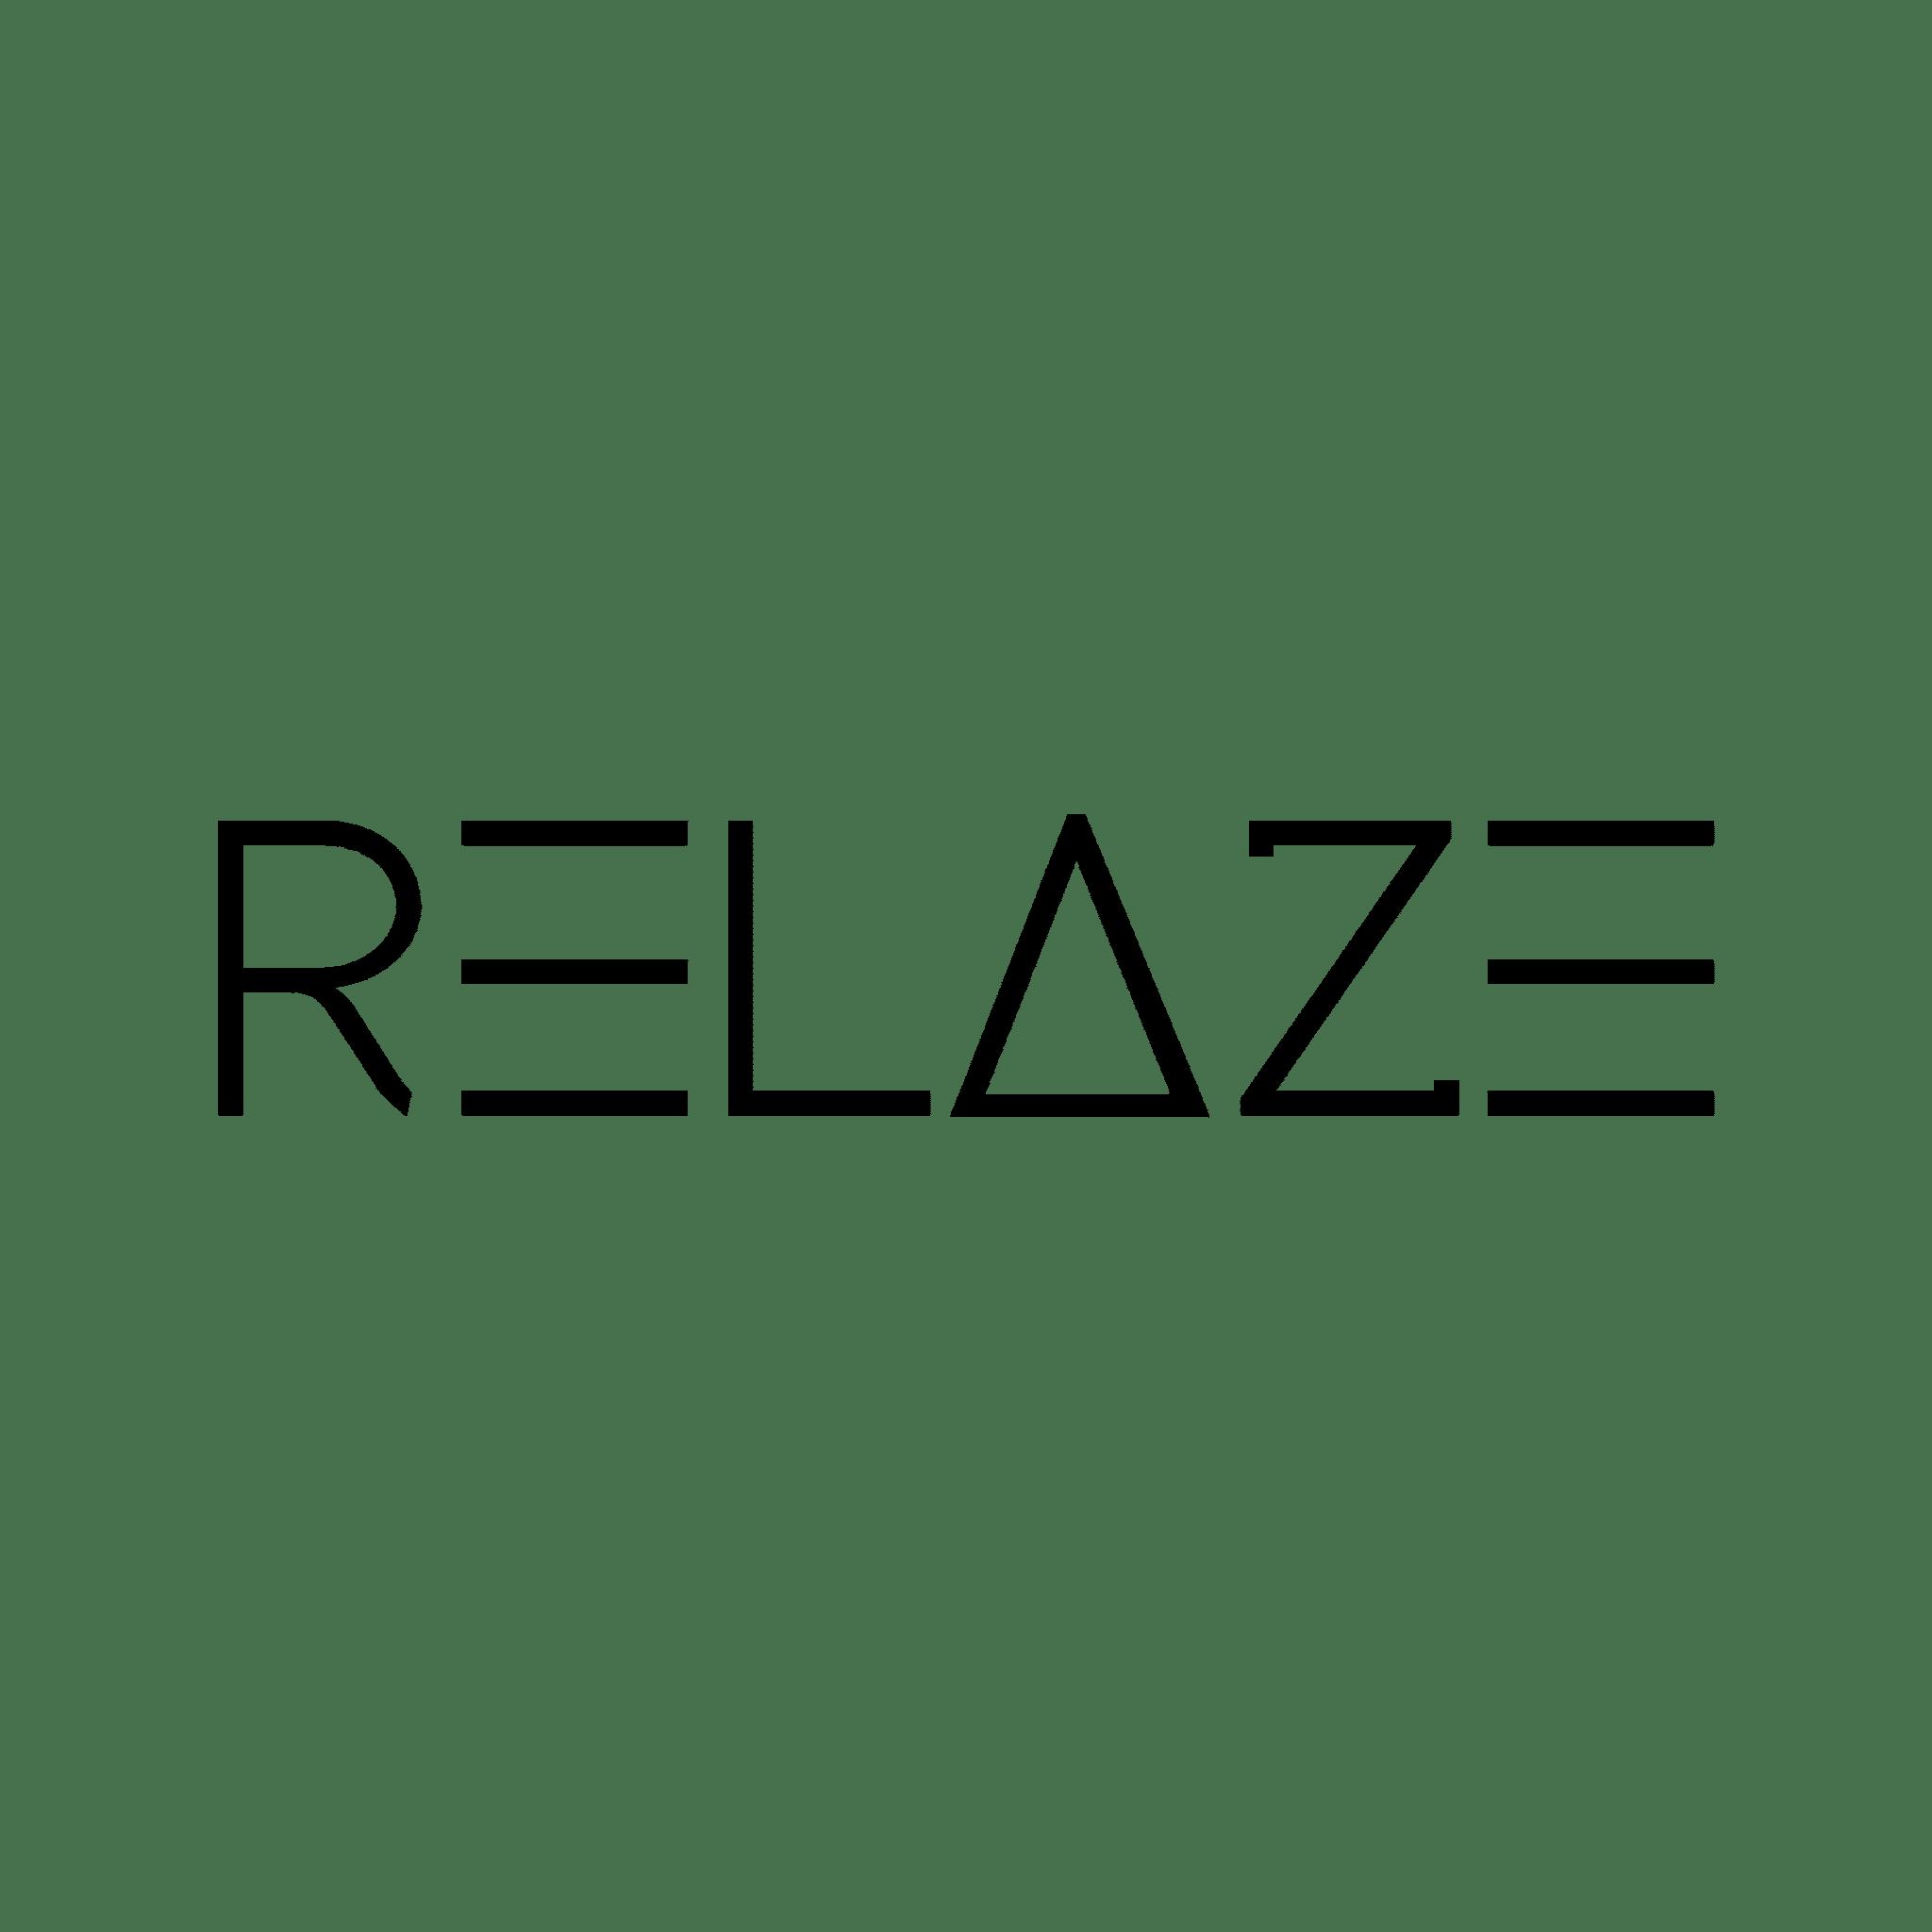 Logo Relaze